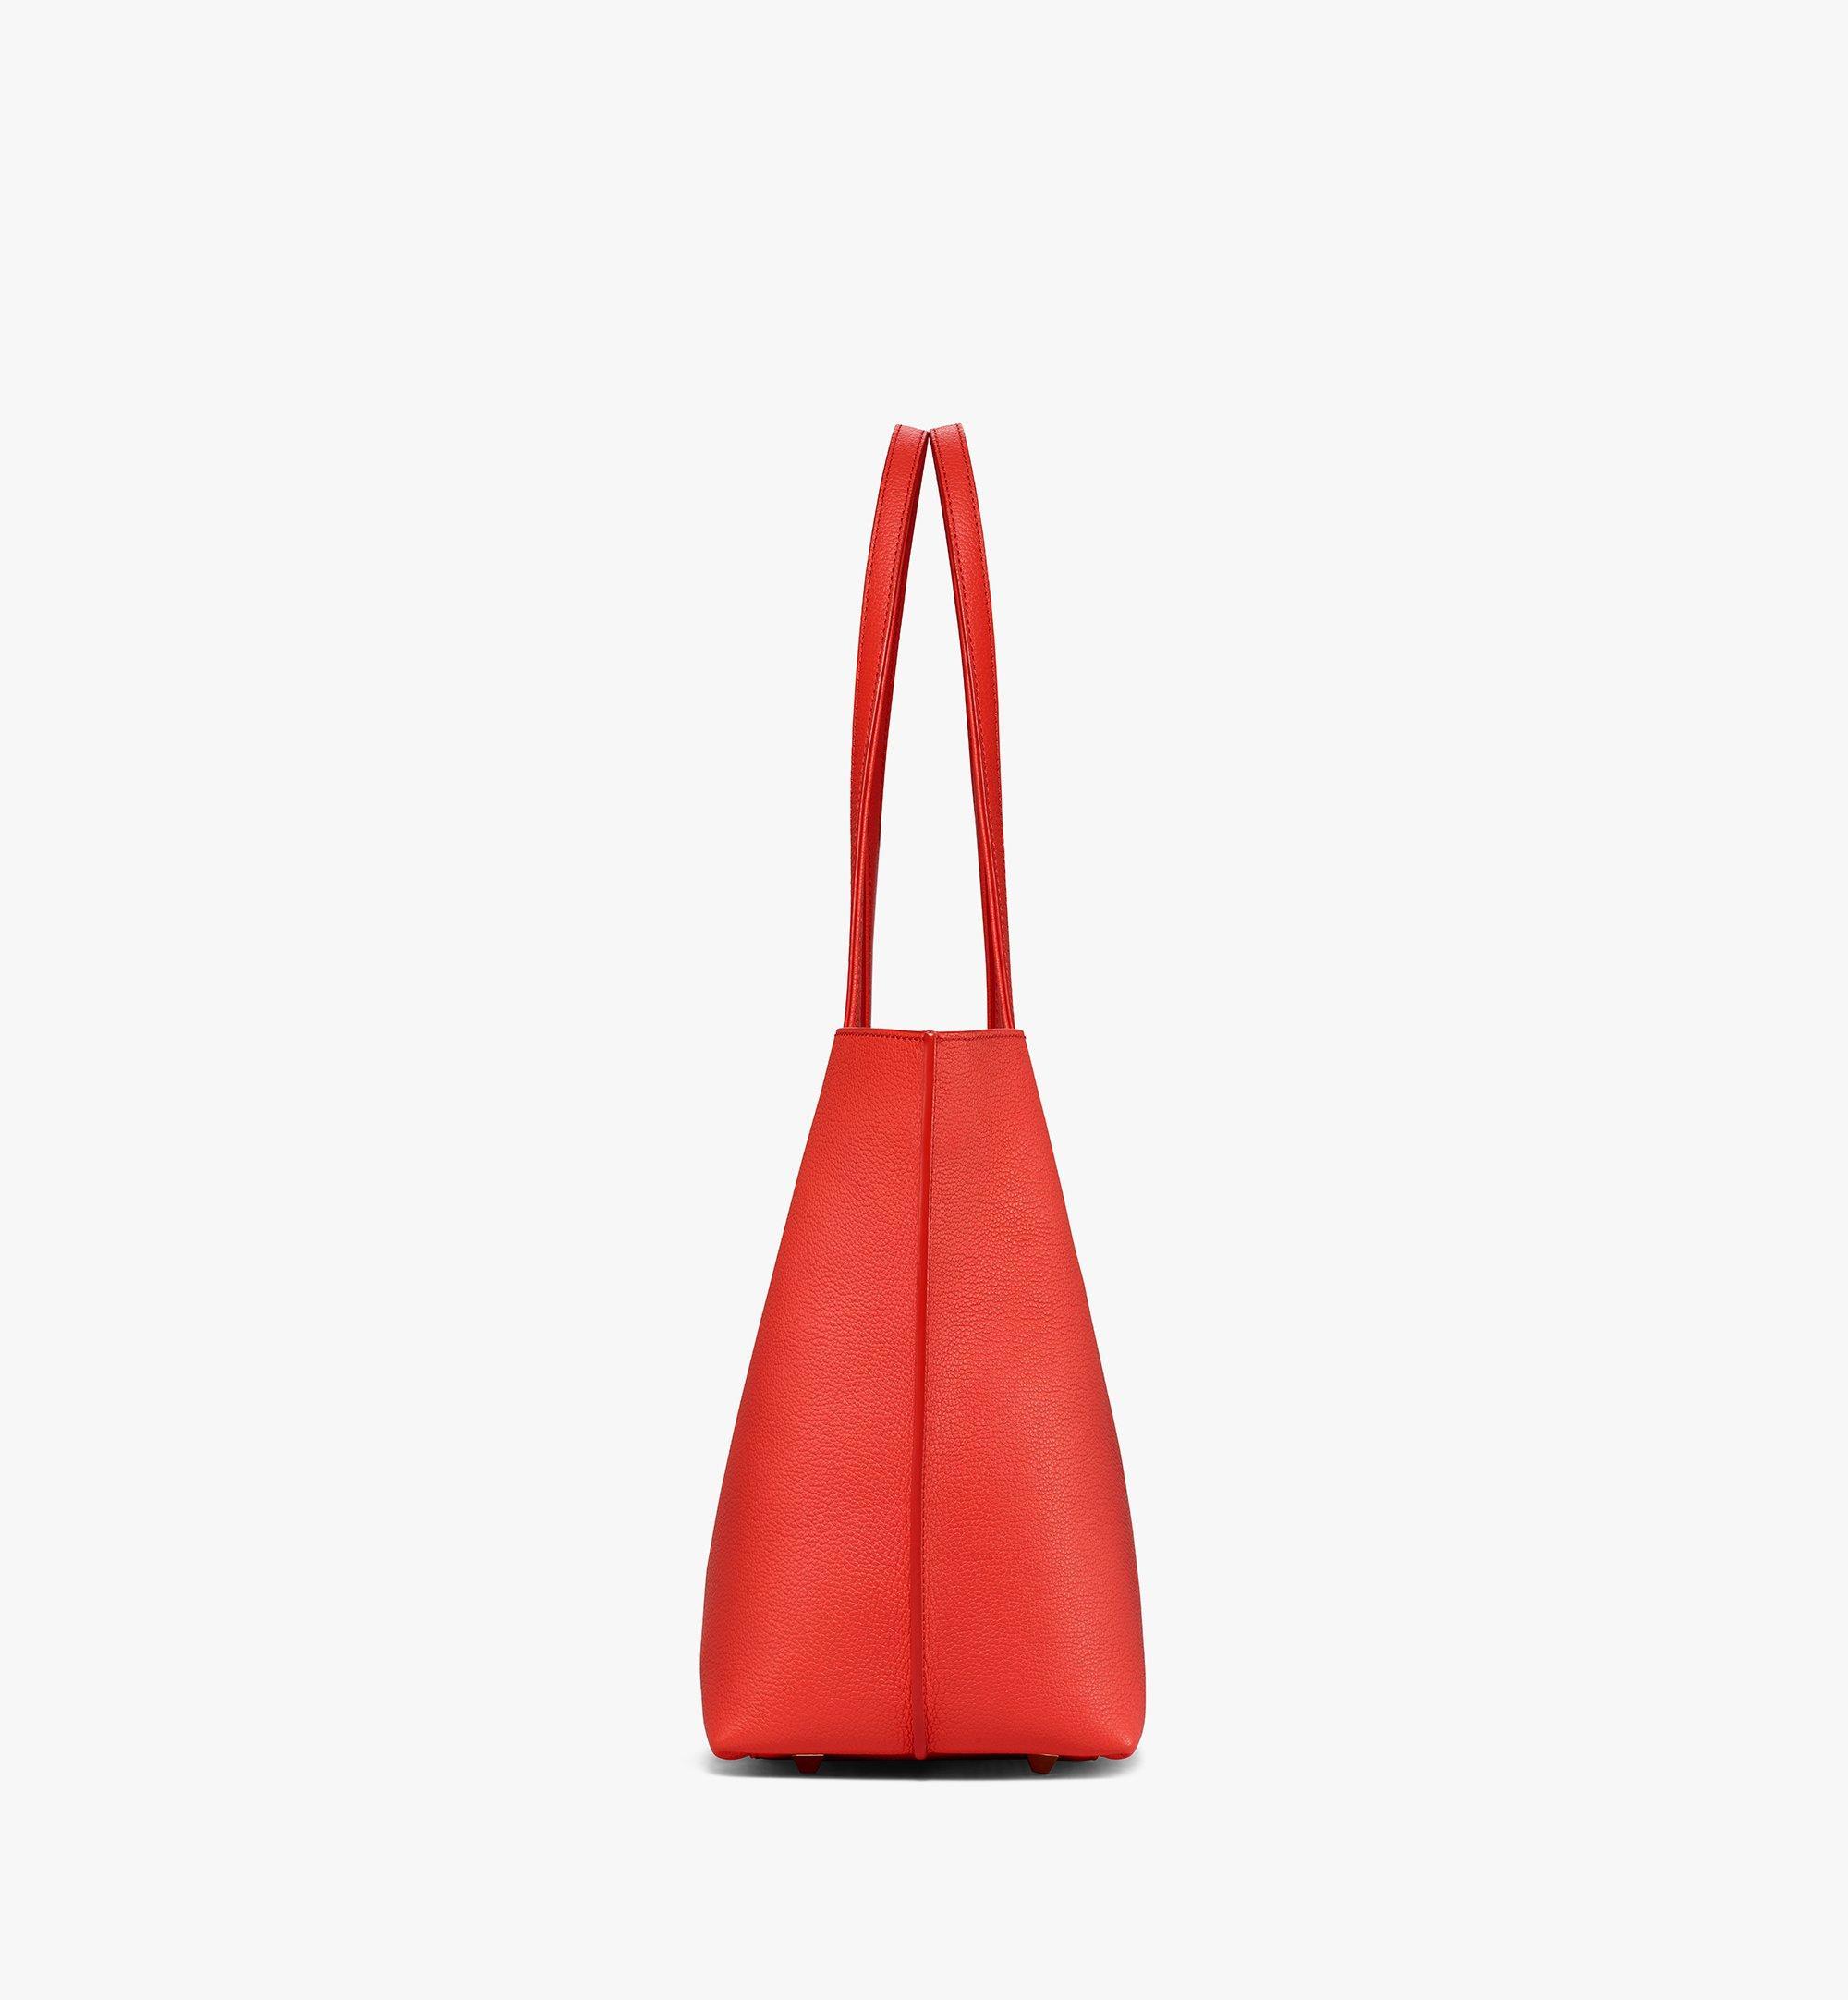 MCM Yris Tani 皮革購物袋 Red MWPBSYS01R8001 更多視圖 1